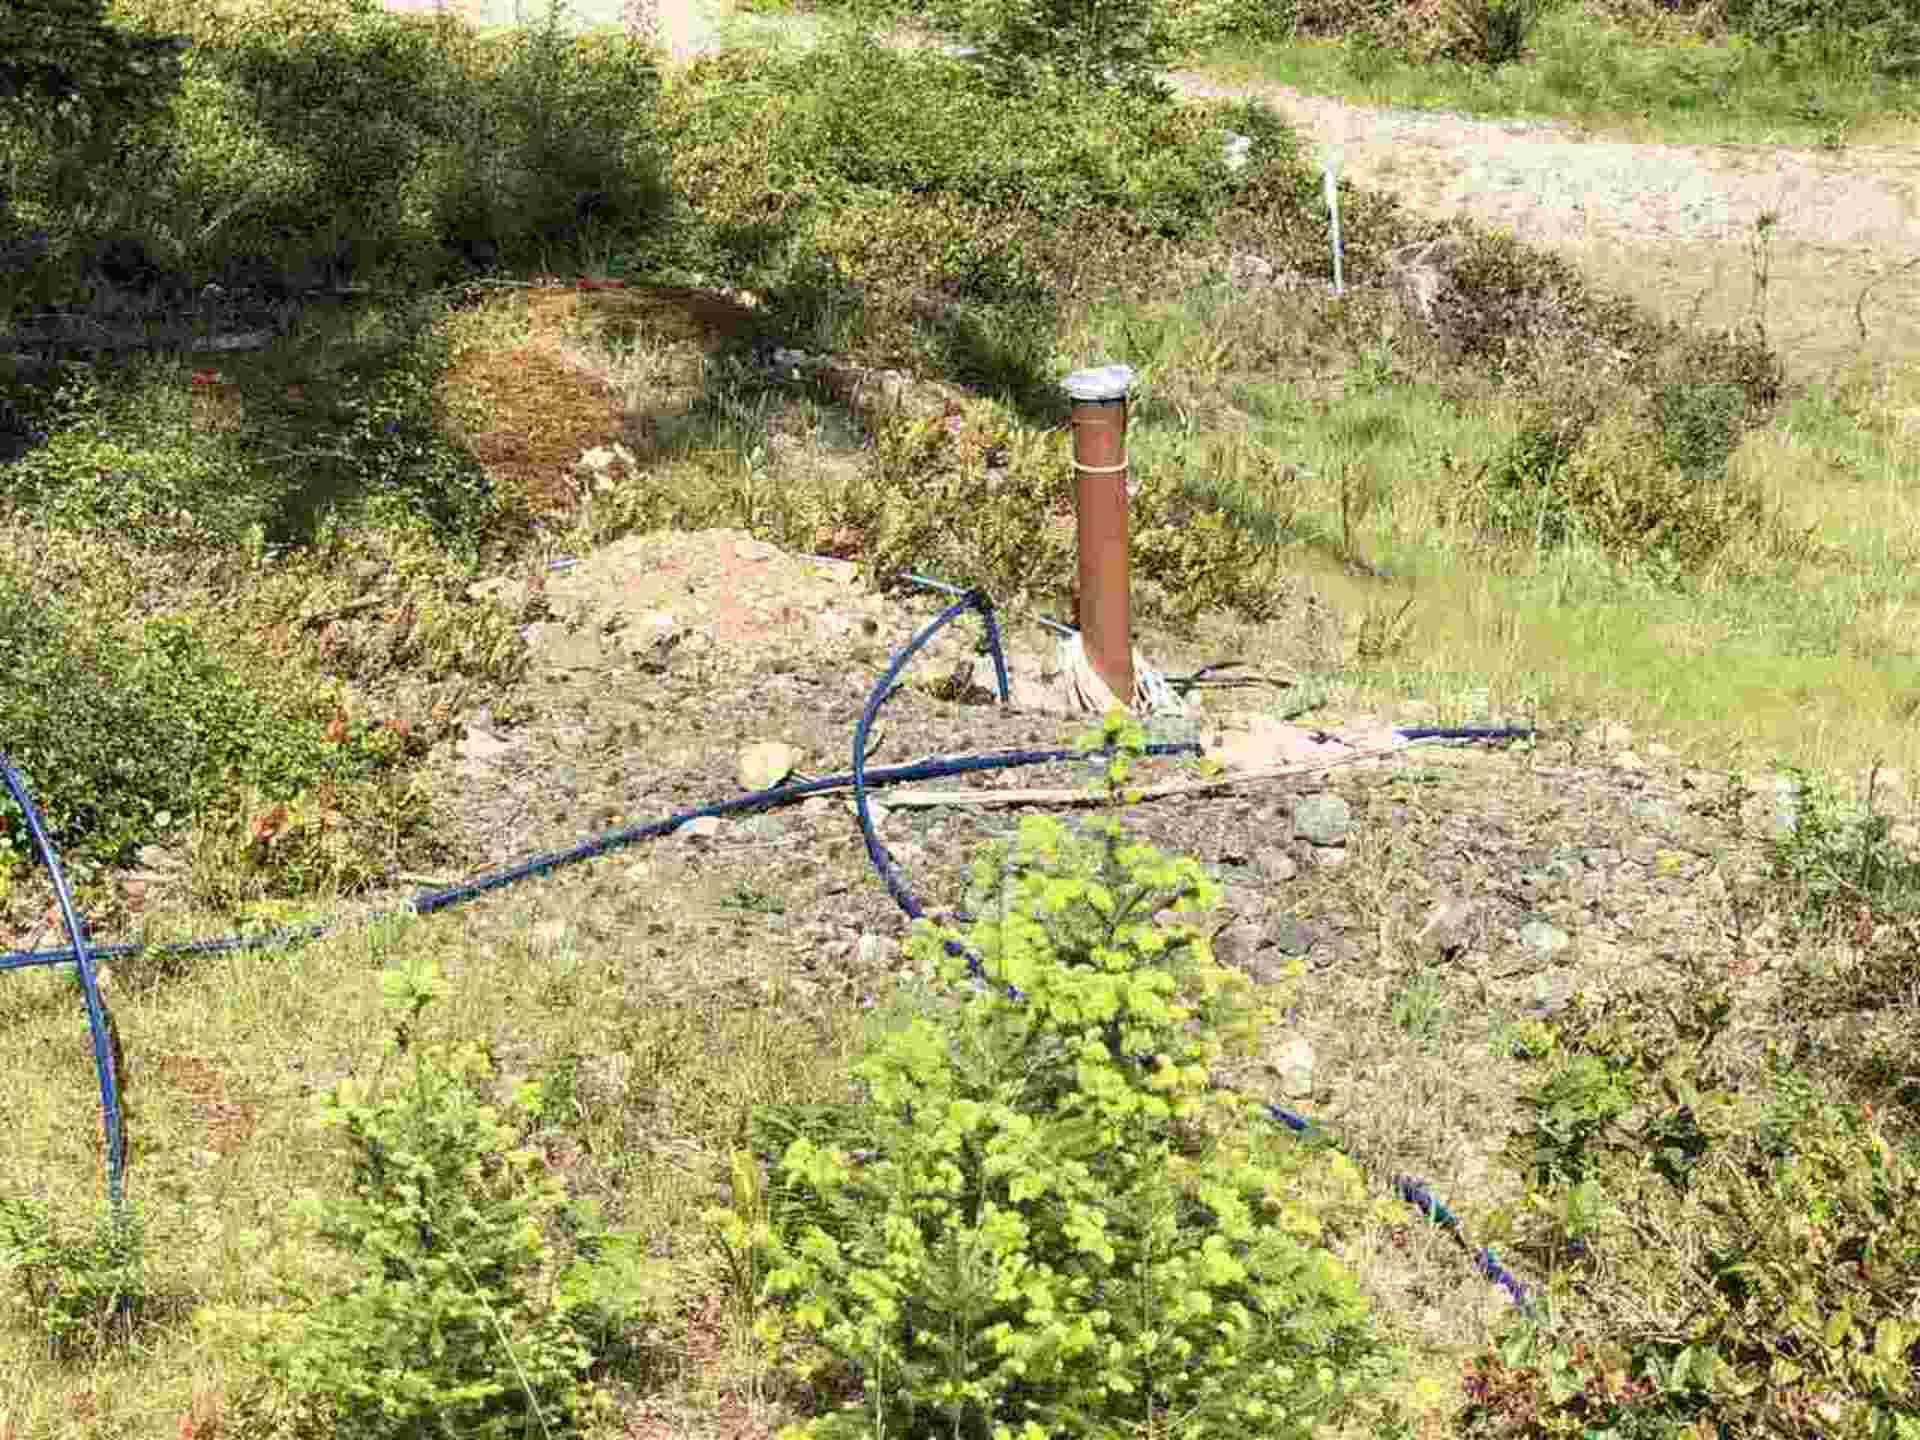 fircom-plateau-street-gambier-island-sunshine-coast-14 at Lot 16 -  Fircom Plateau Street, Gambier Island, Sunshine Coast